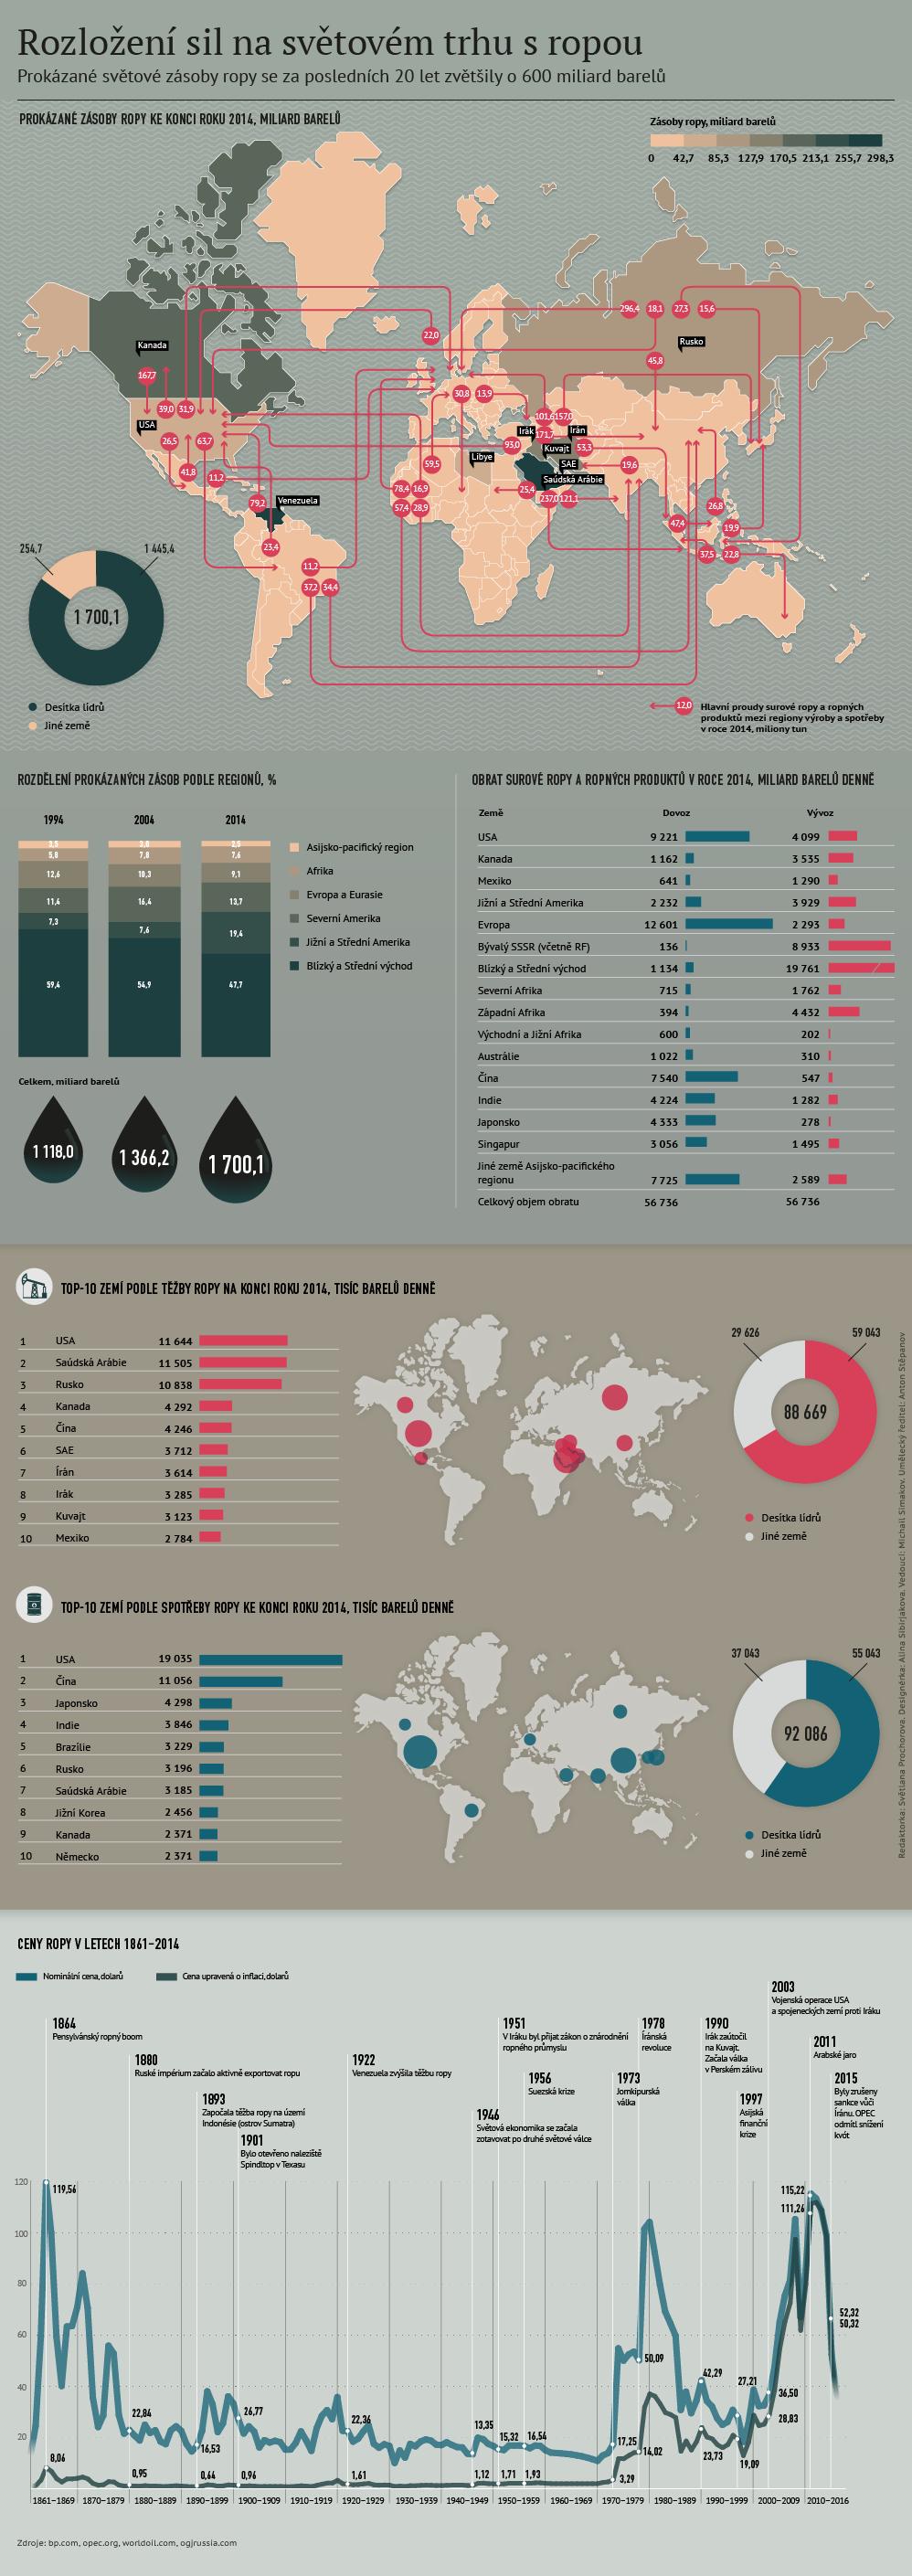 Rozložení sil na světovém trhu s ropou